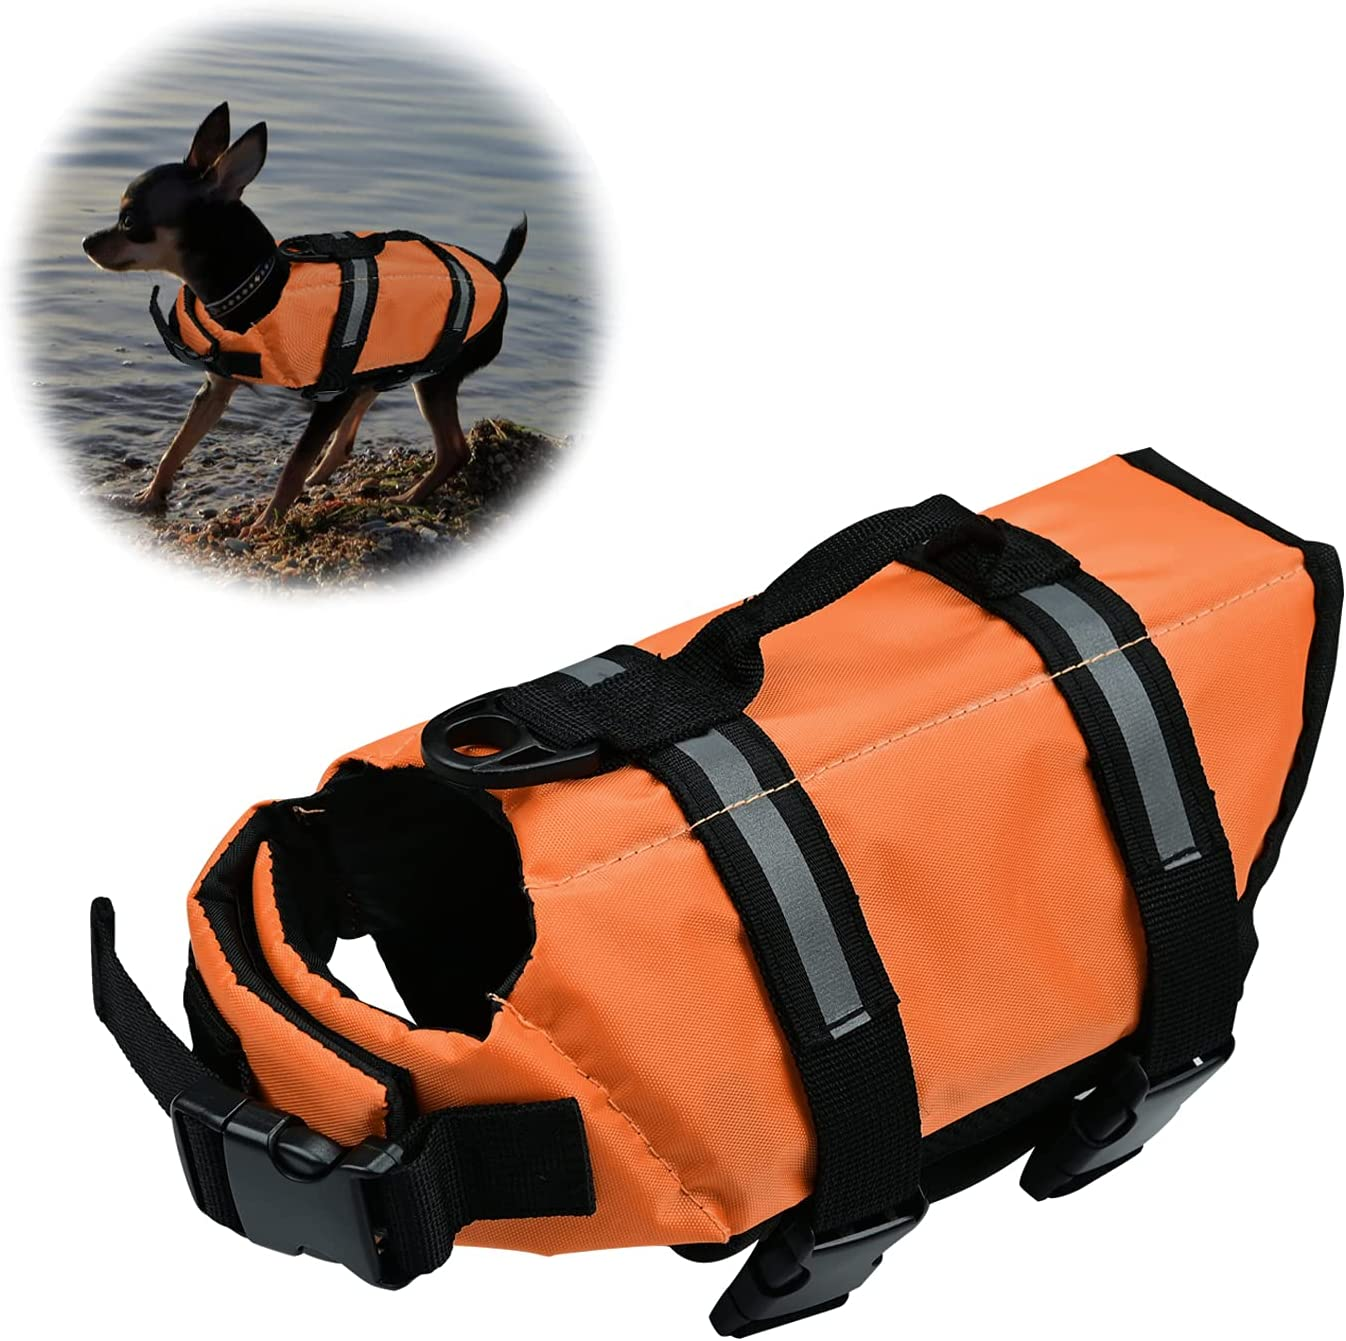 Chaleco Salvavidas para Perros Chaleco de Seguridad Reflectante Chaleco Salvavidas Ajustable para Perros Salvavidas para Mascotas Abrigo para Perros Nadar, Surfear, pasear en Bote (Naranja, Small)